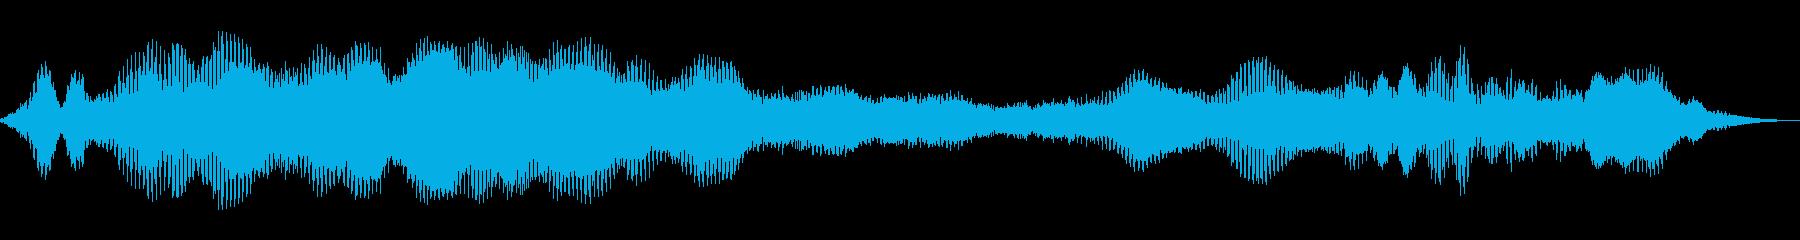 スペースフェリー3の再生済みの波形